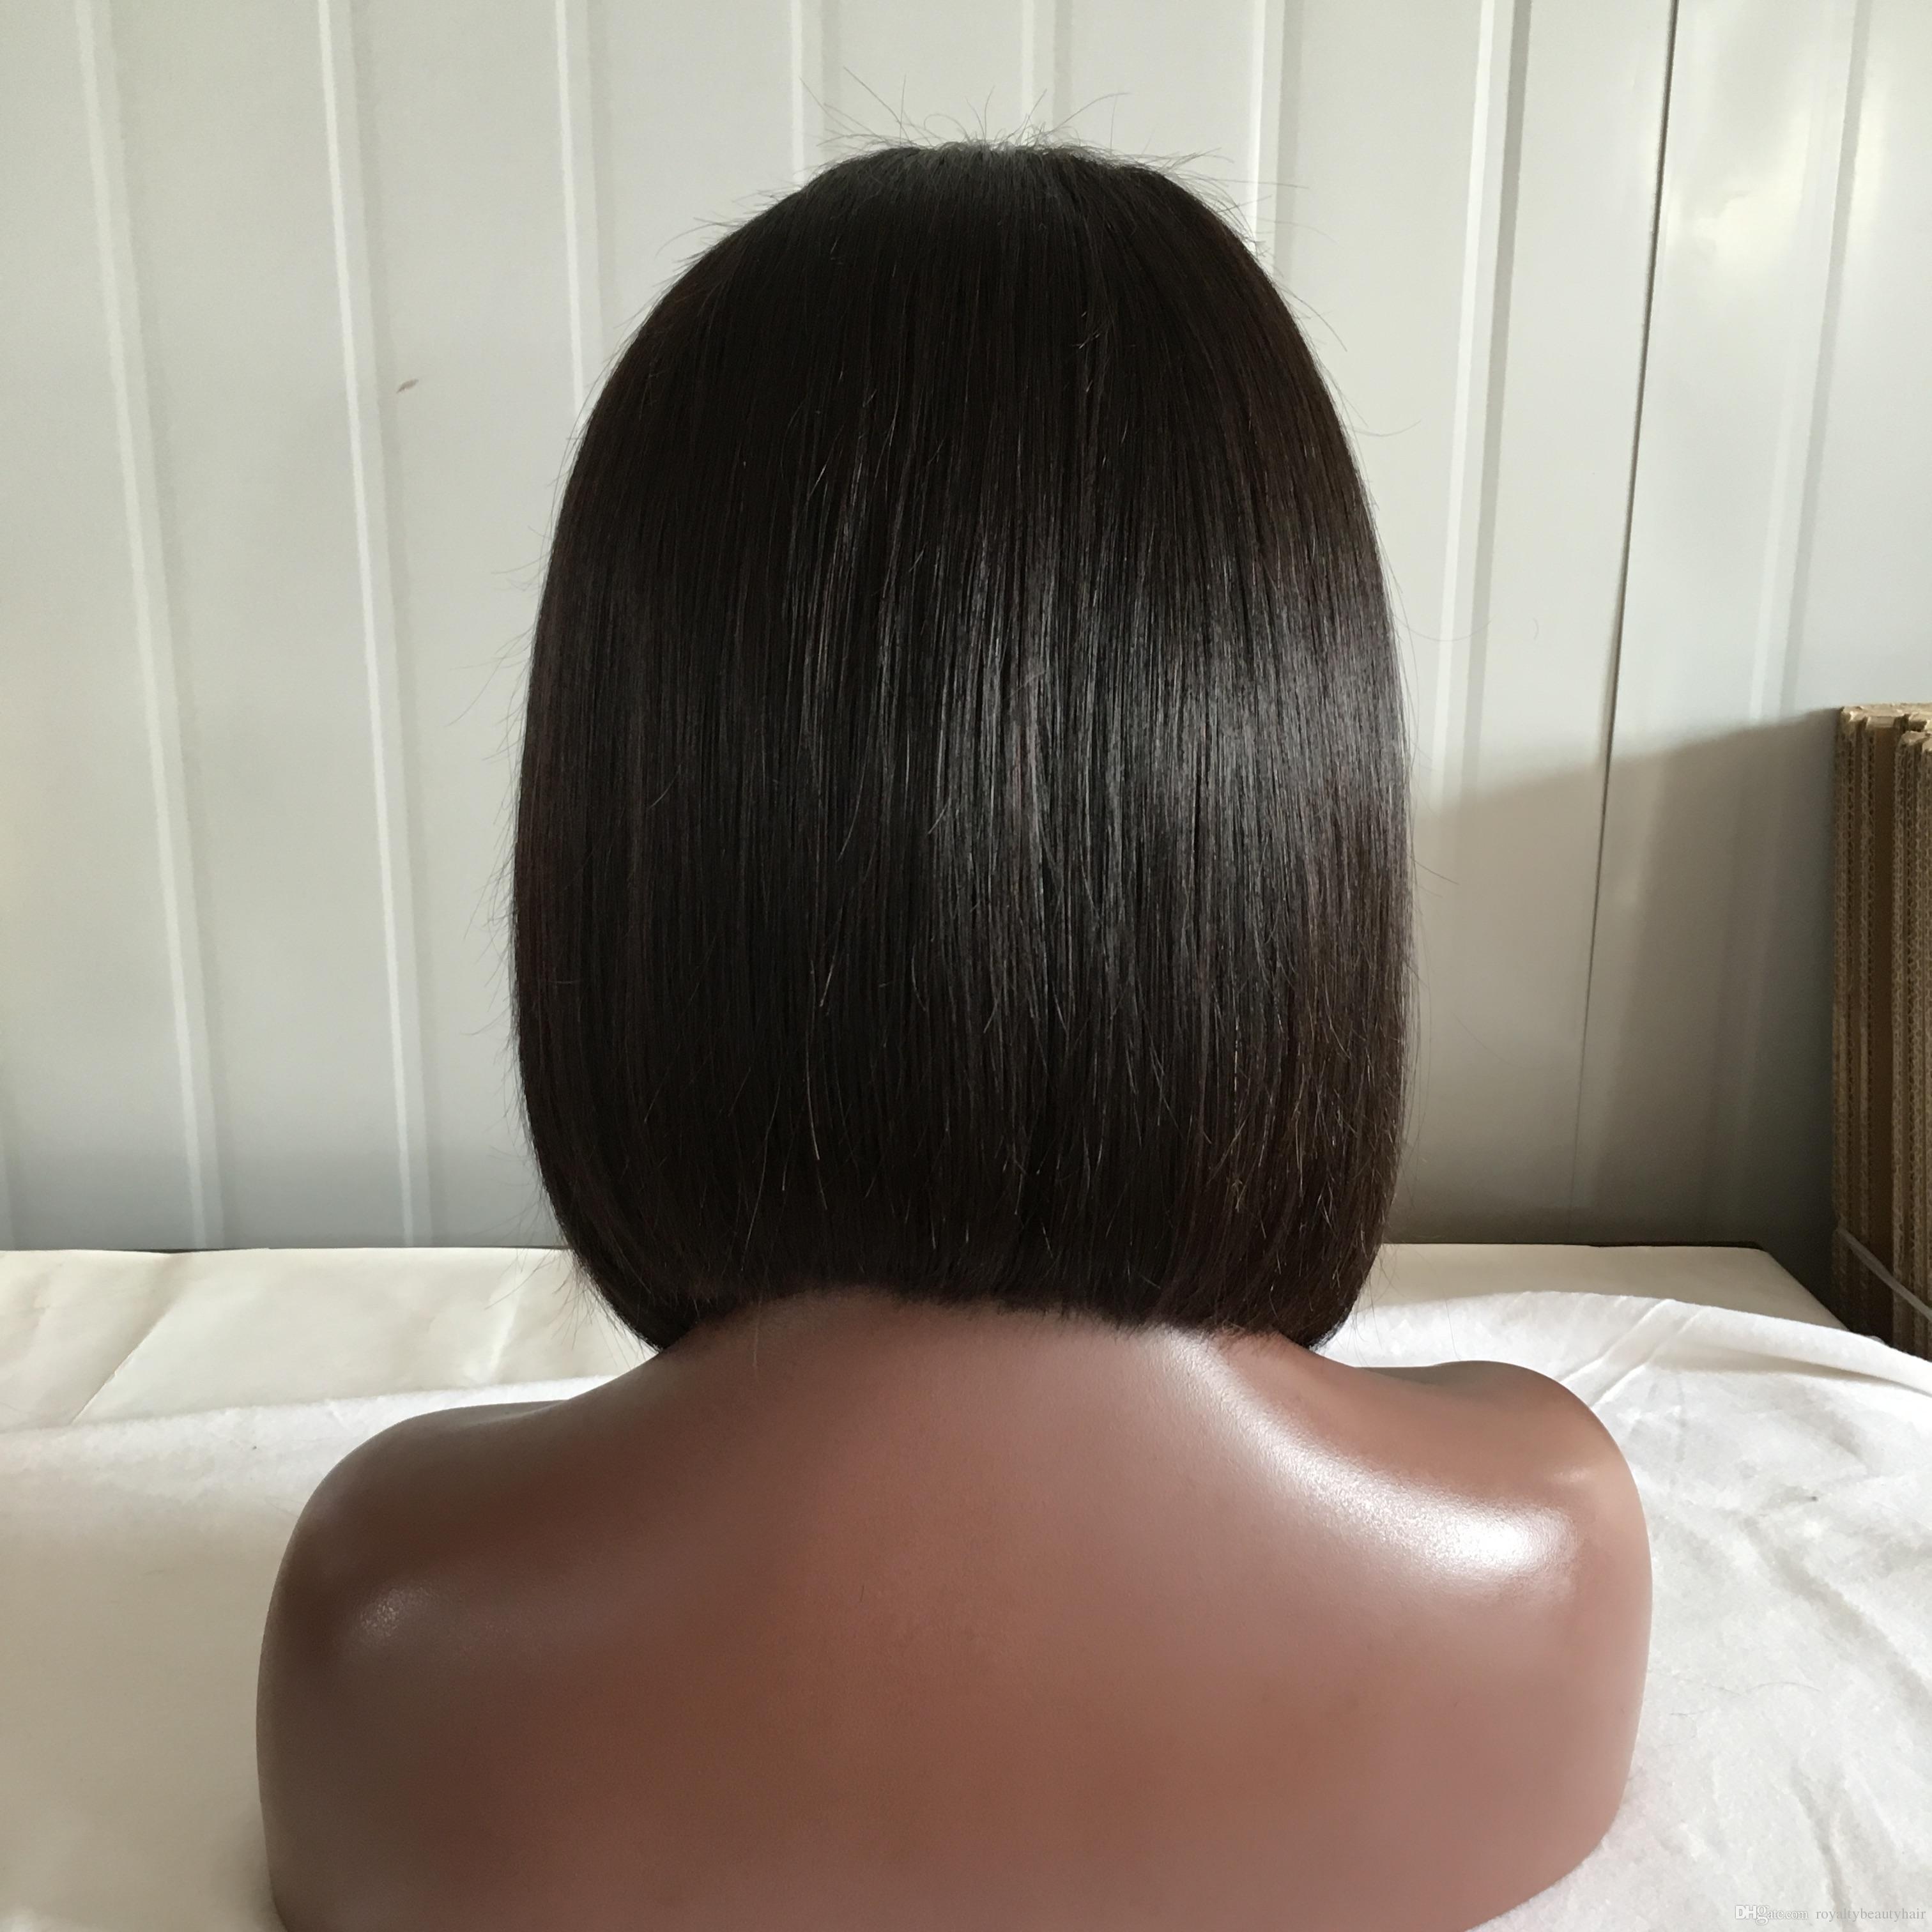 9A Ön Koparıp İnsan Saç Peruk Bebek Saç İpeksi Düz Brezilyalı Bakire Dantel Ön Bob Peruk Siyah Kadınlar Için Dantel Frontal Peruk APP-onl